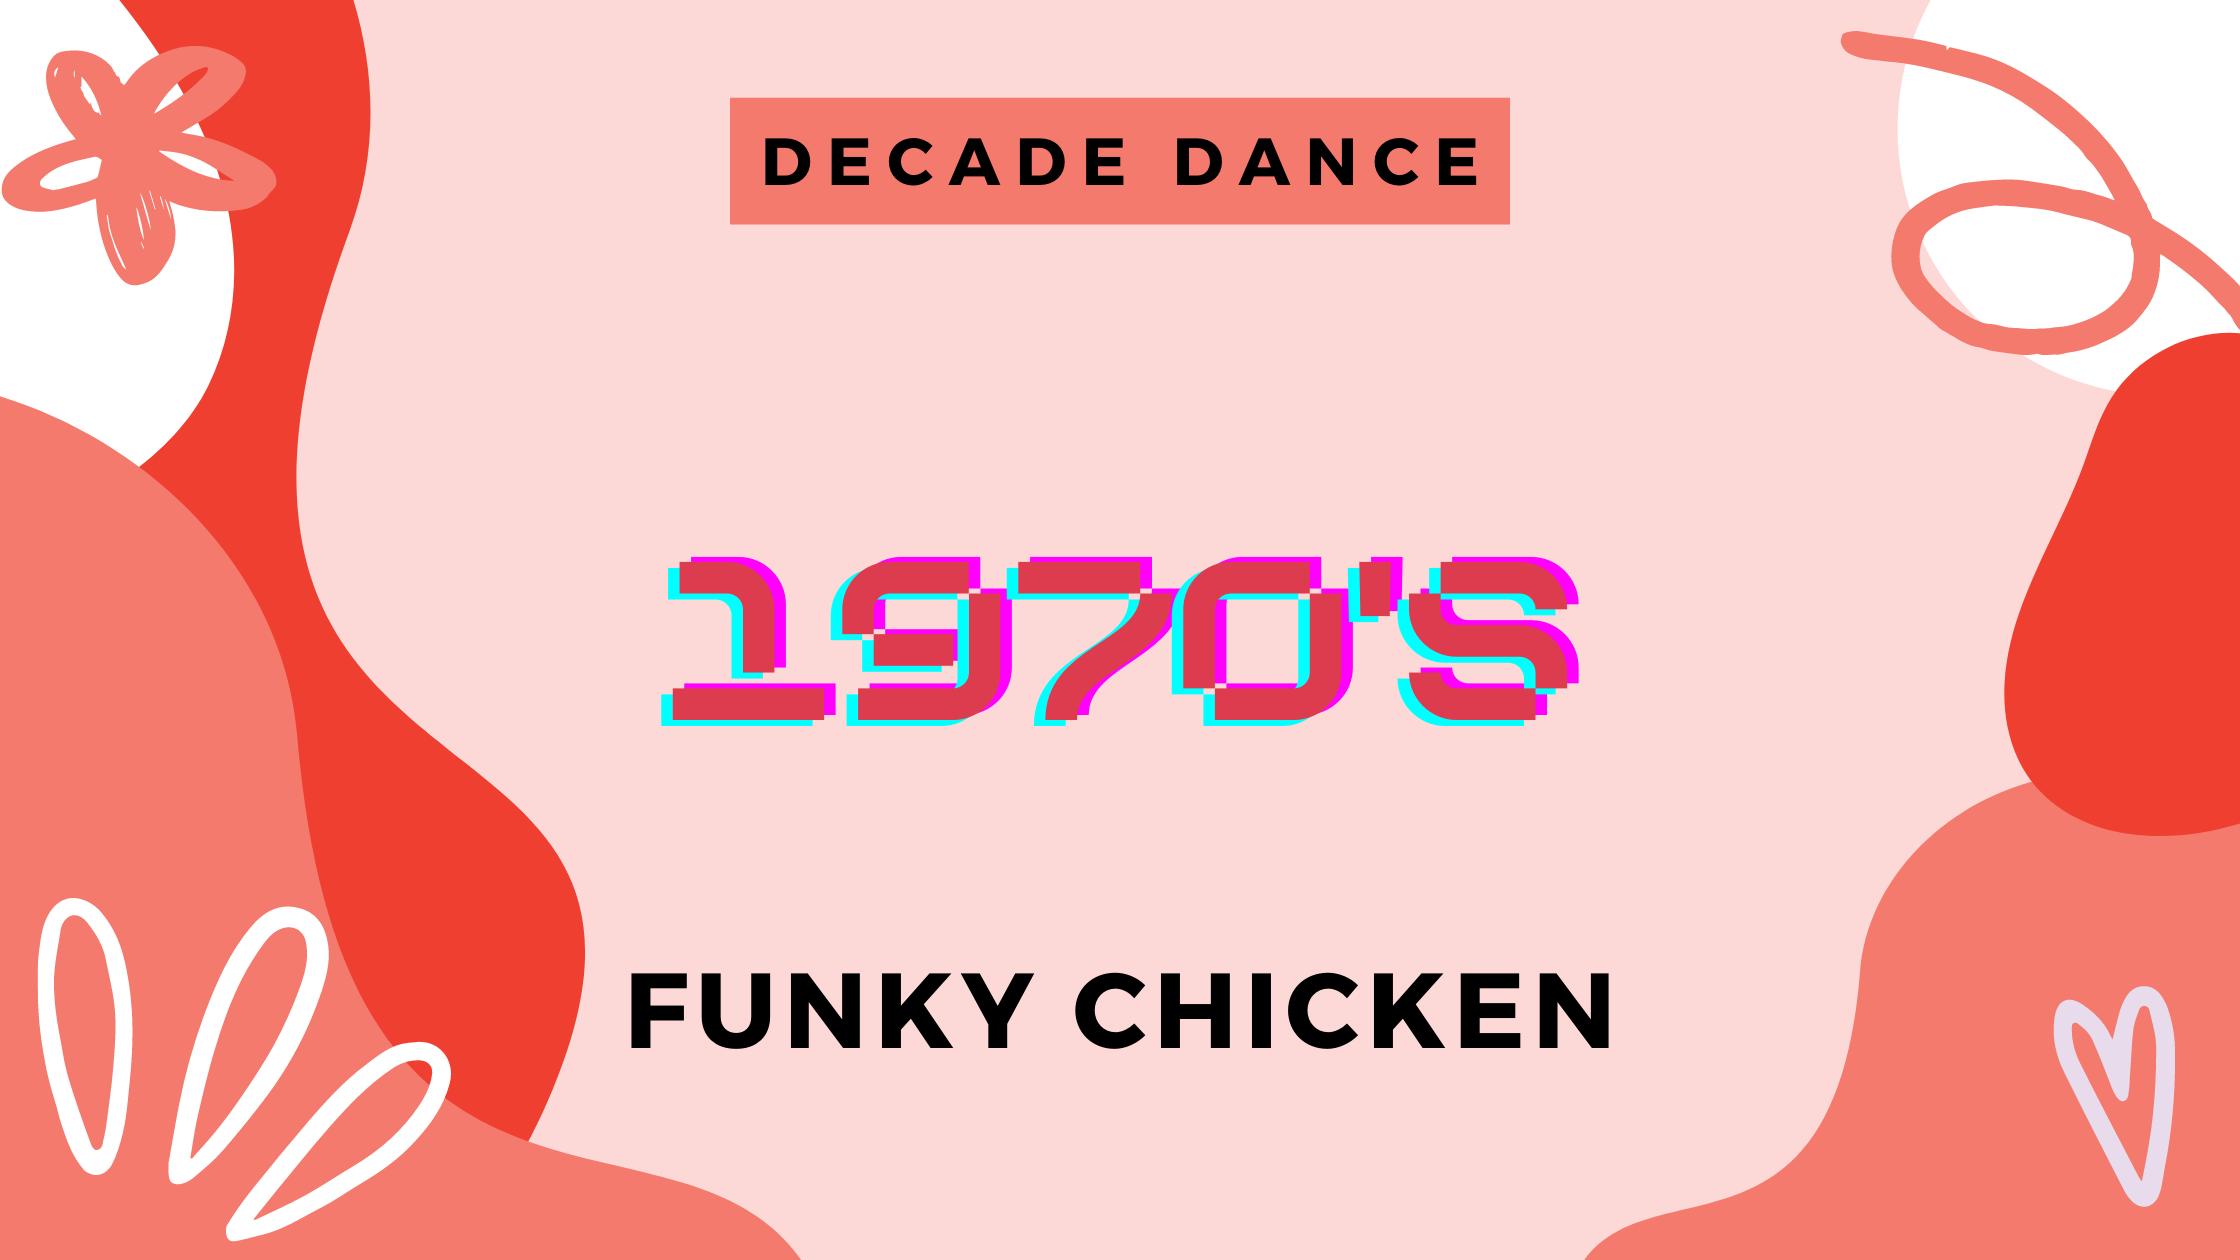 funky chicken 1970